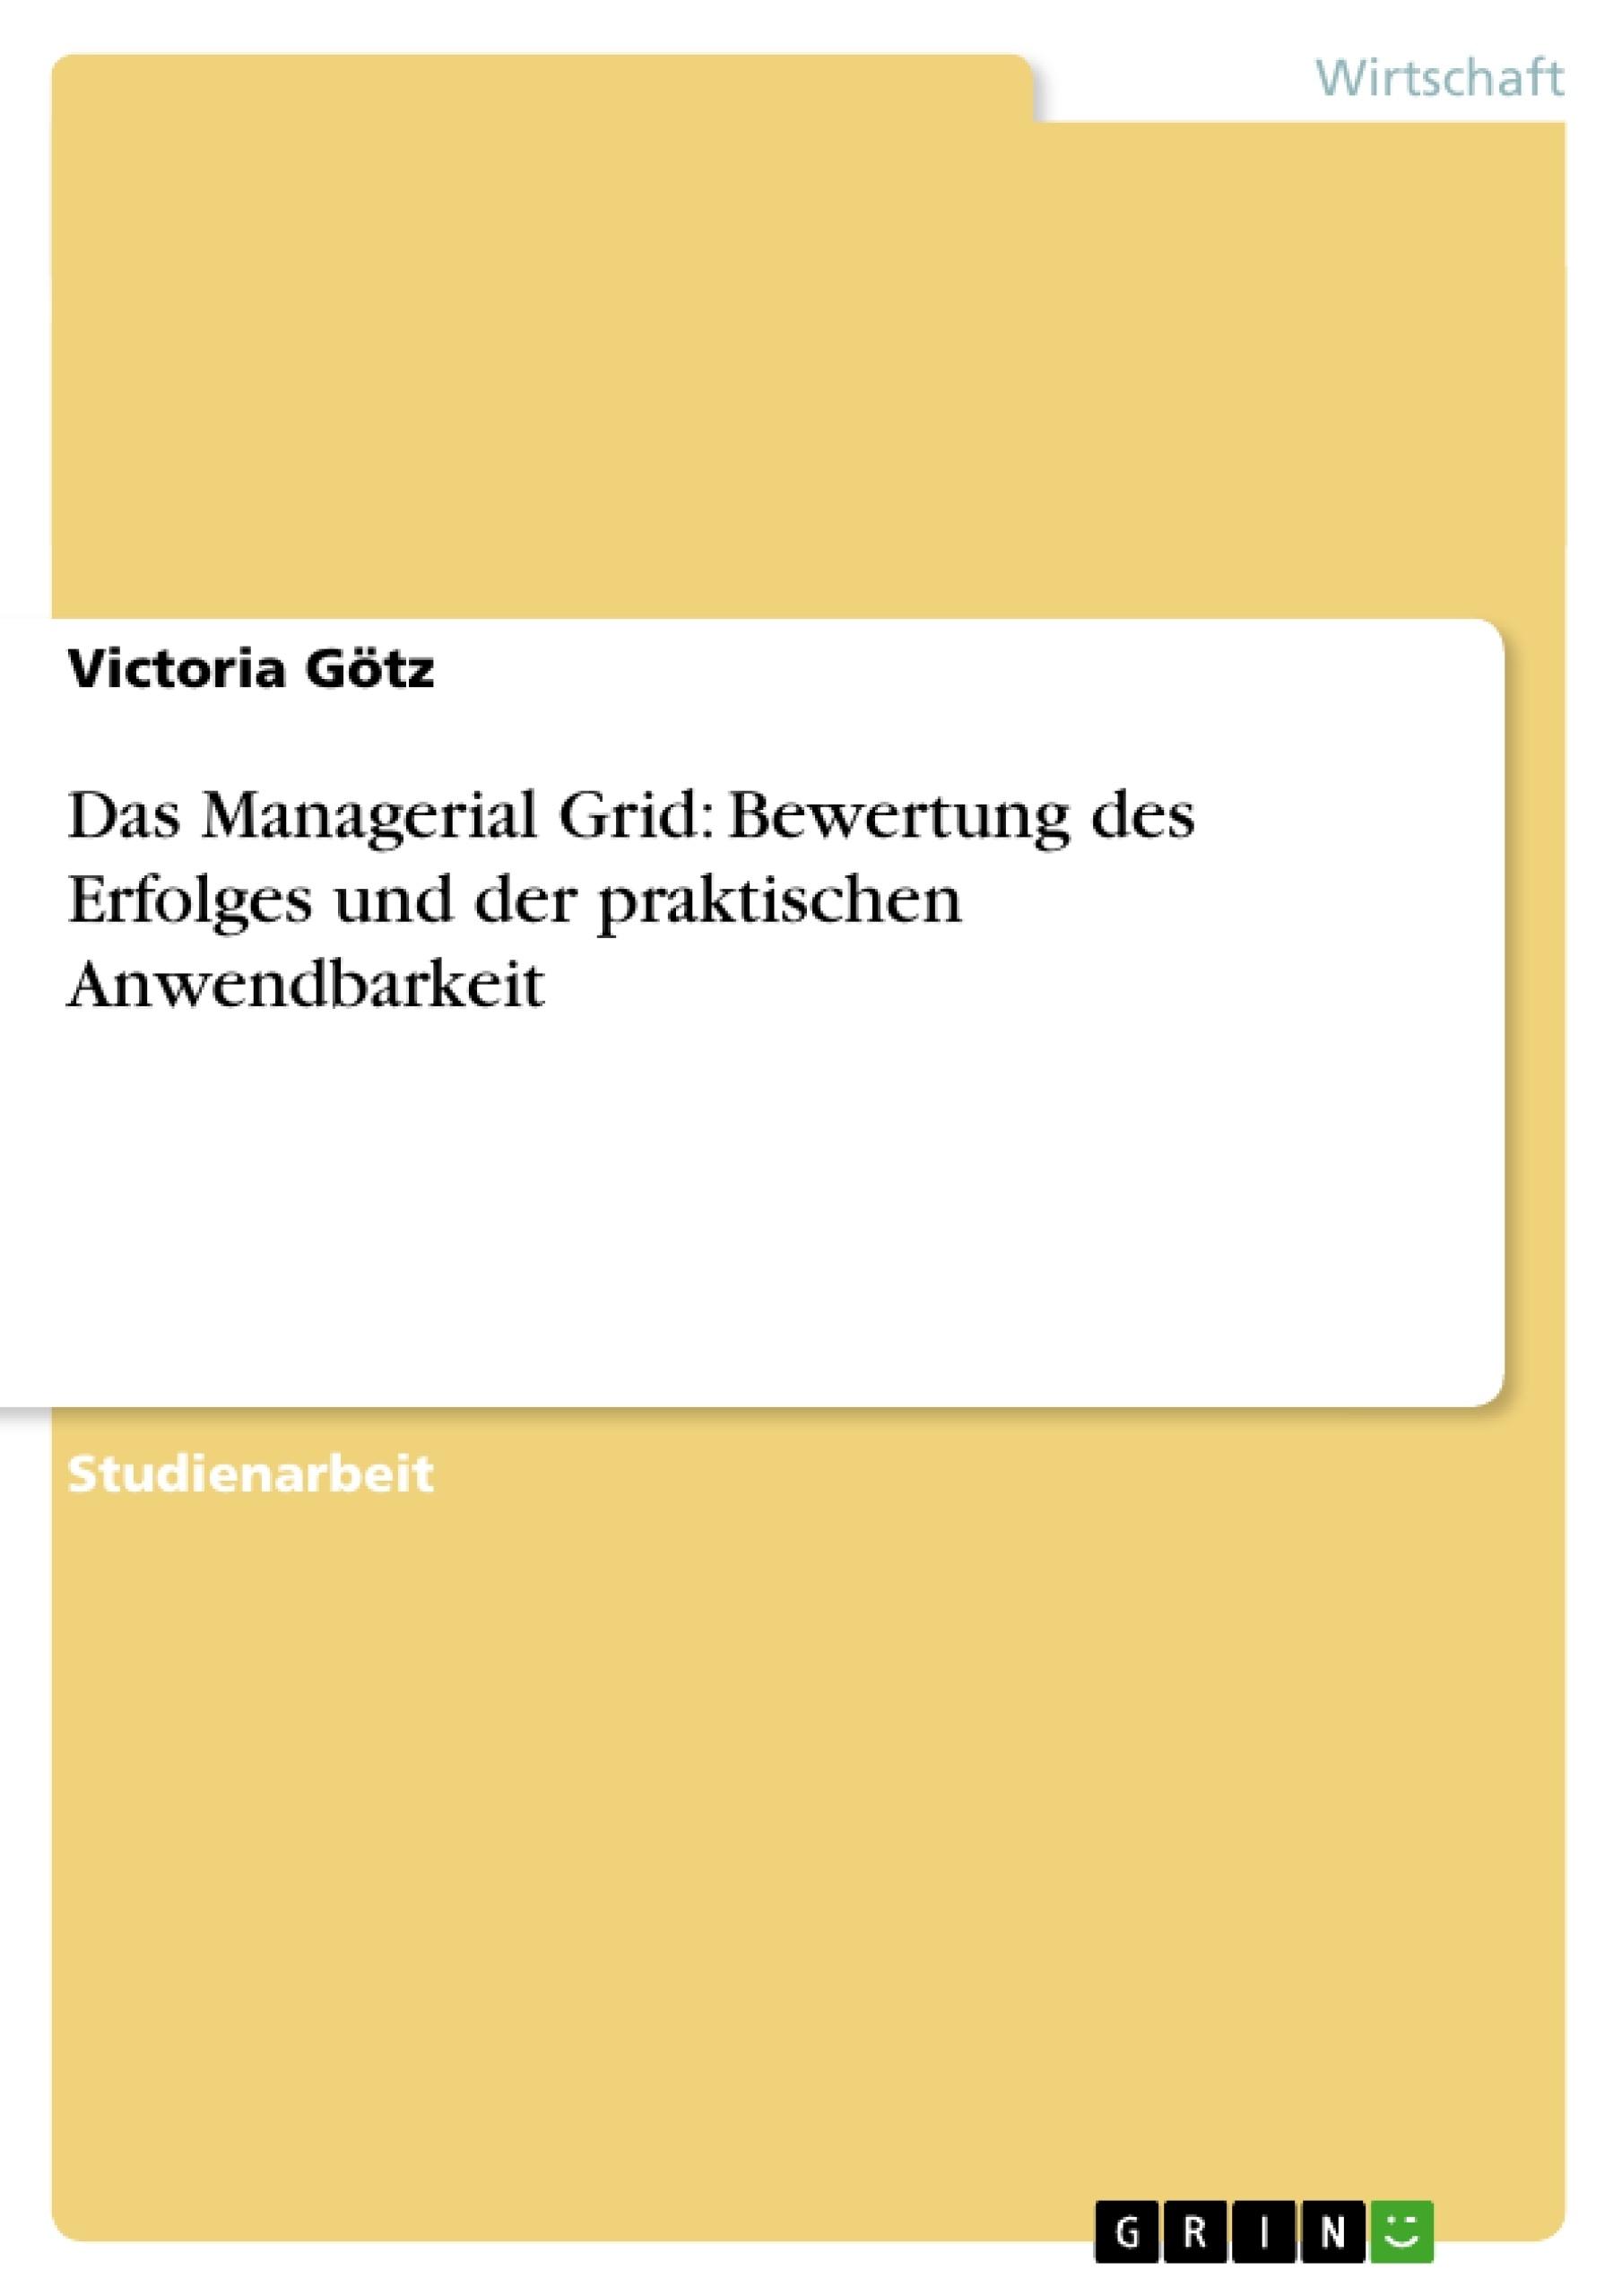 Titel: Das Managerial Grid: Bewertung des Erfolges und der praktischen Anwendbarkeit